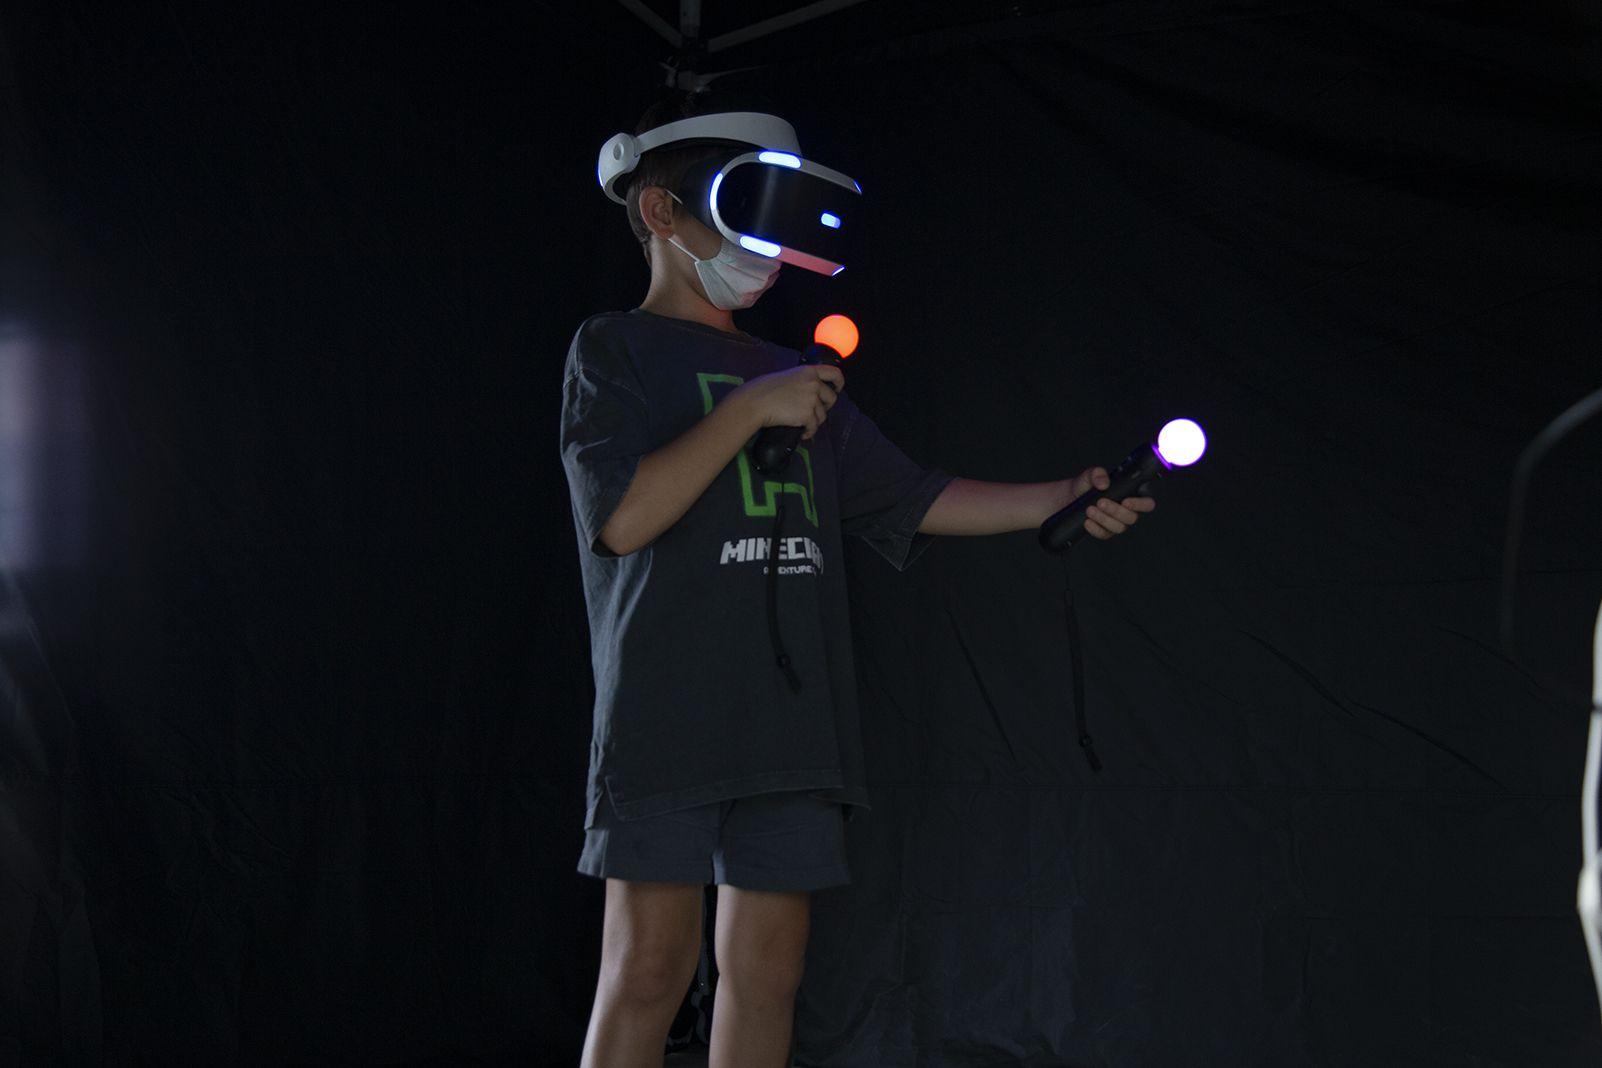 Realitat virtual a la Festa Major de Les Planes. FOTO: Anna Bassa